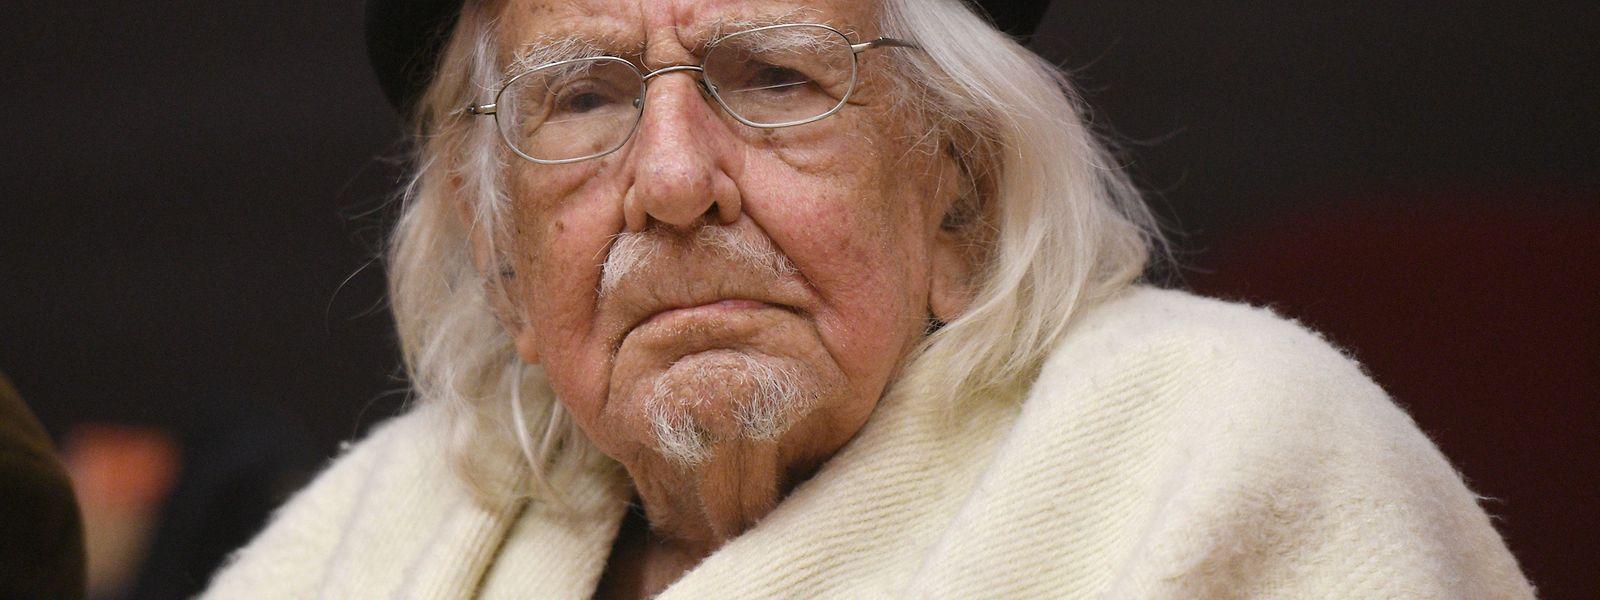 Cardenal ist im Alter von 95 Jahren gestorben.